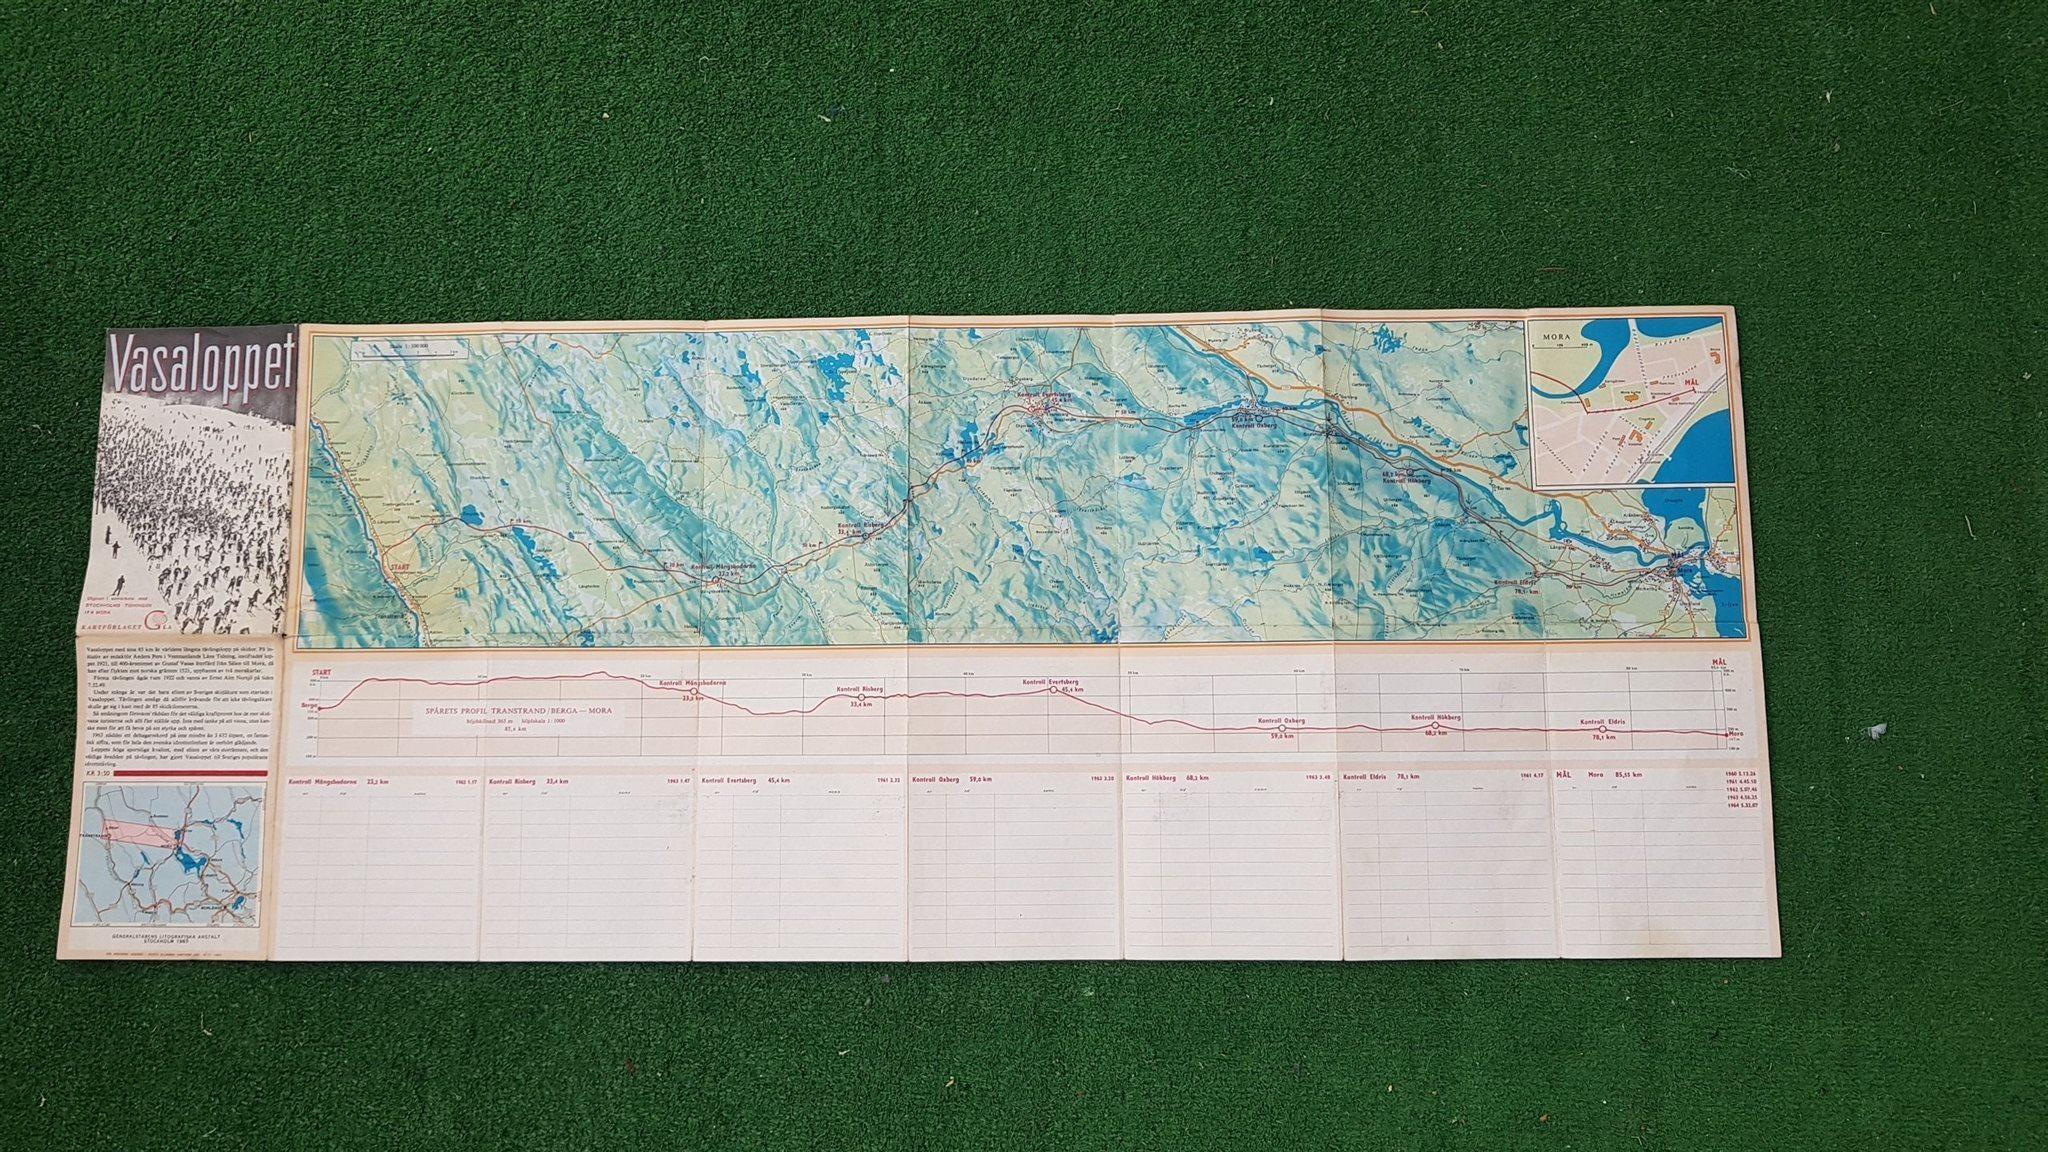 karta över vasaloppet KARTA FRÅN 1965 ÖVER VASALOPPET MORA (321618574) ᐈ Köp på Tradera karta över vasaloppet